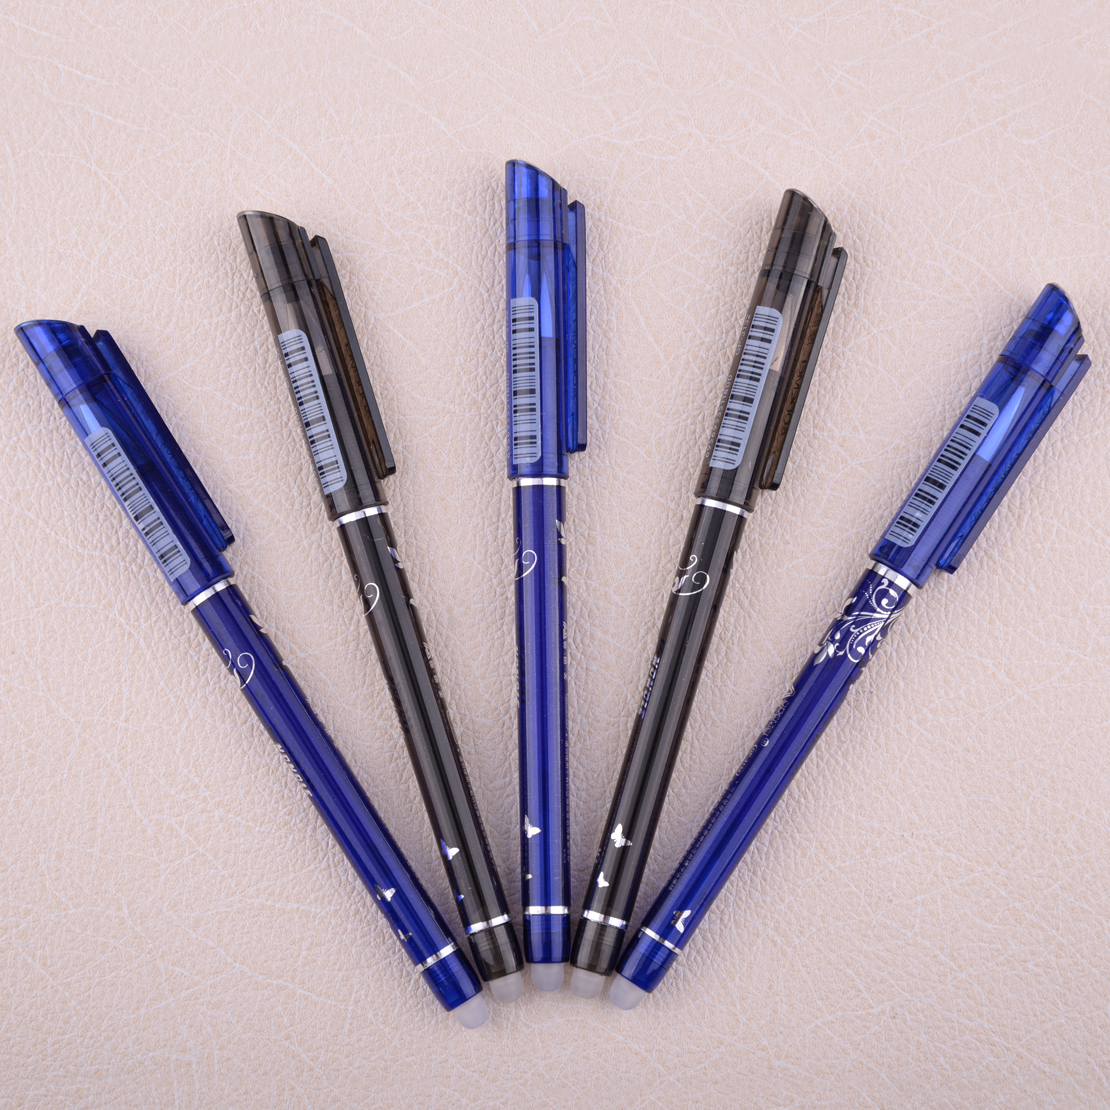 10x Kugelschreiber aus Papier Farbe schwarz